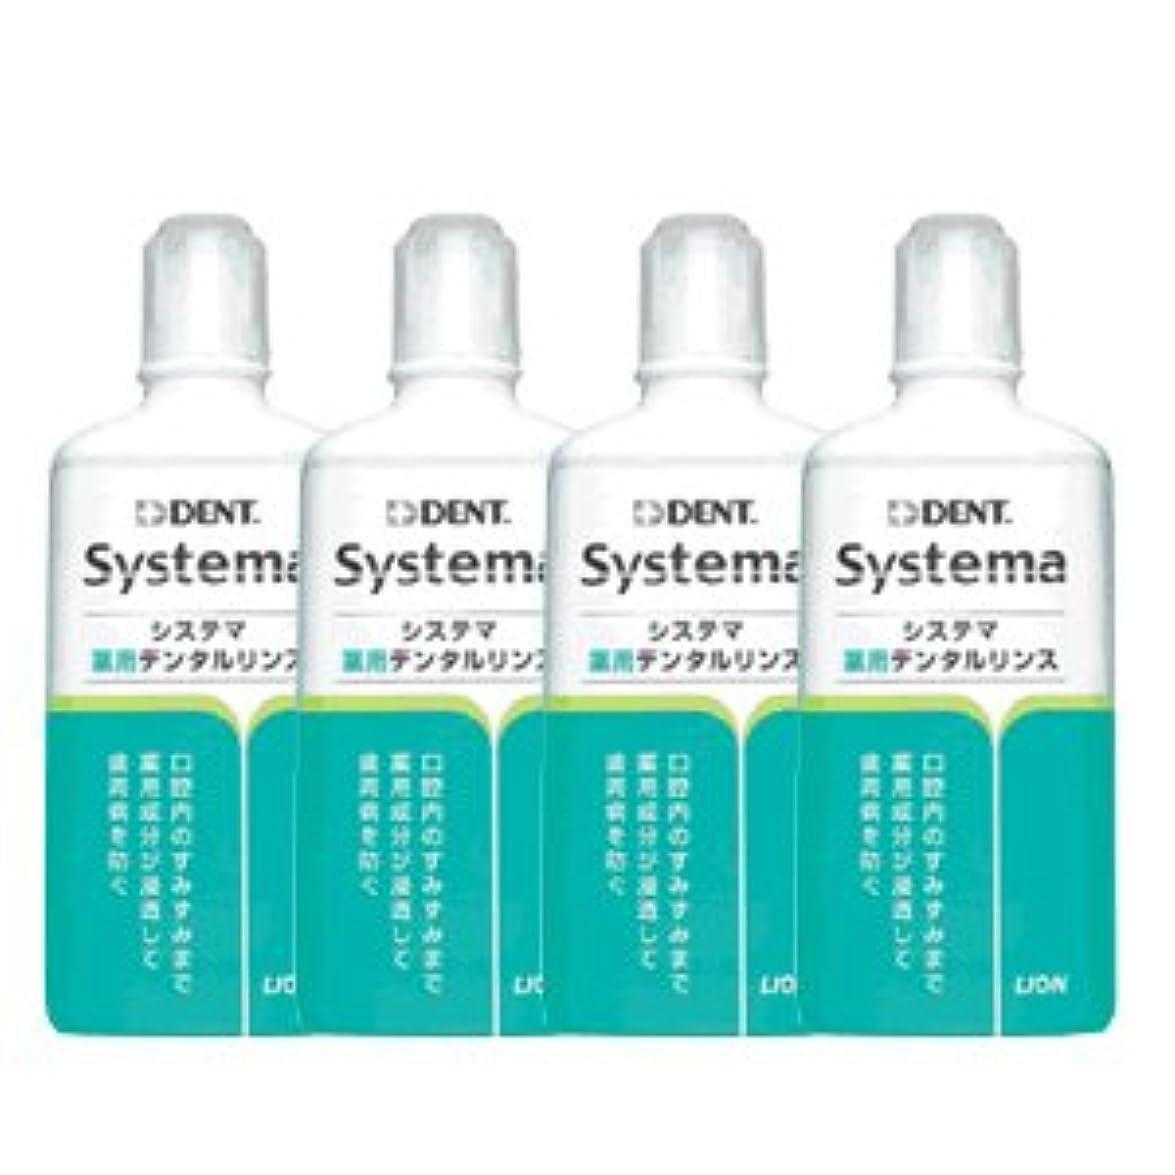 風刺章元のライオン システマ 薬用 デンタルリンス 450ml レギュラータイプ 4本セット 医薬部外品